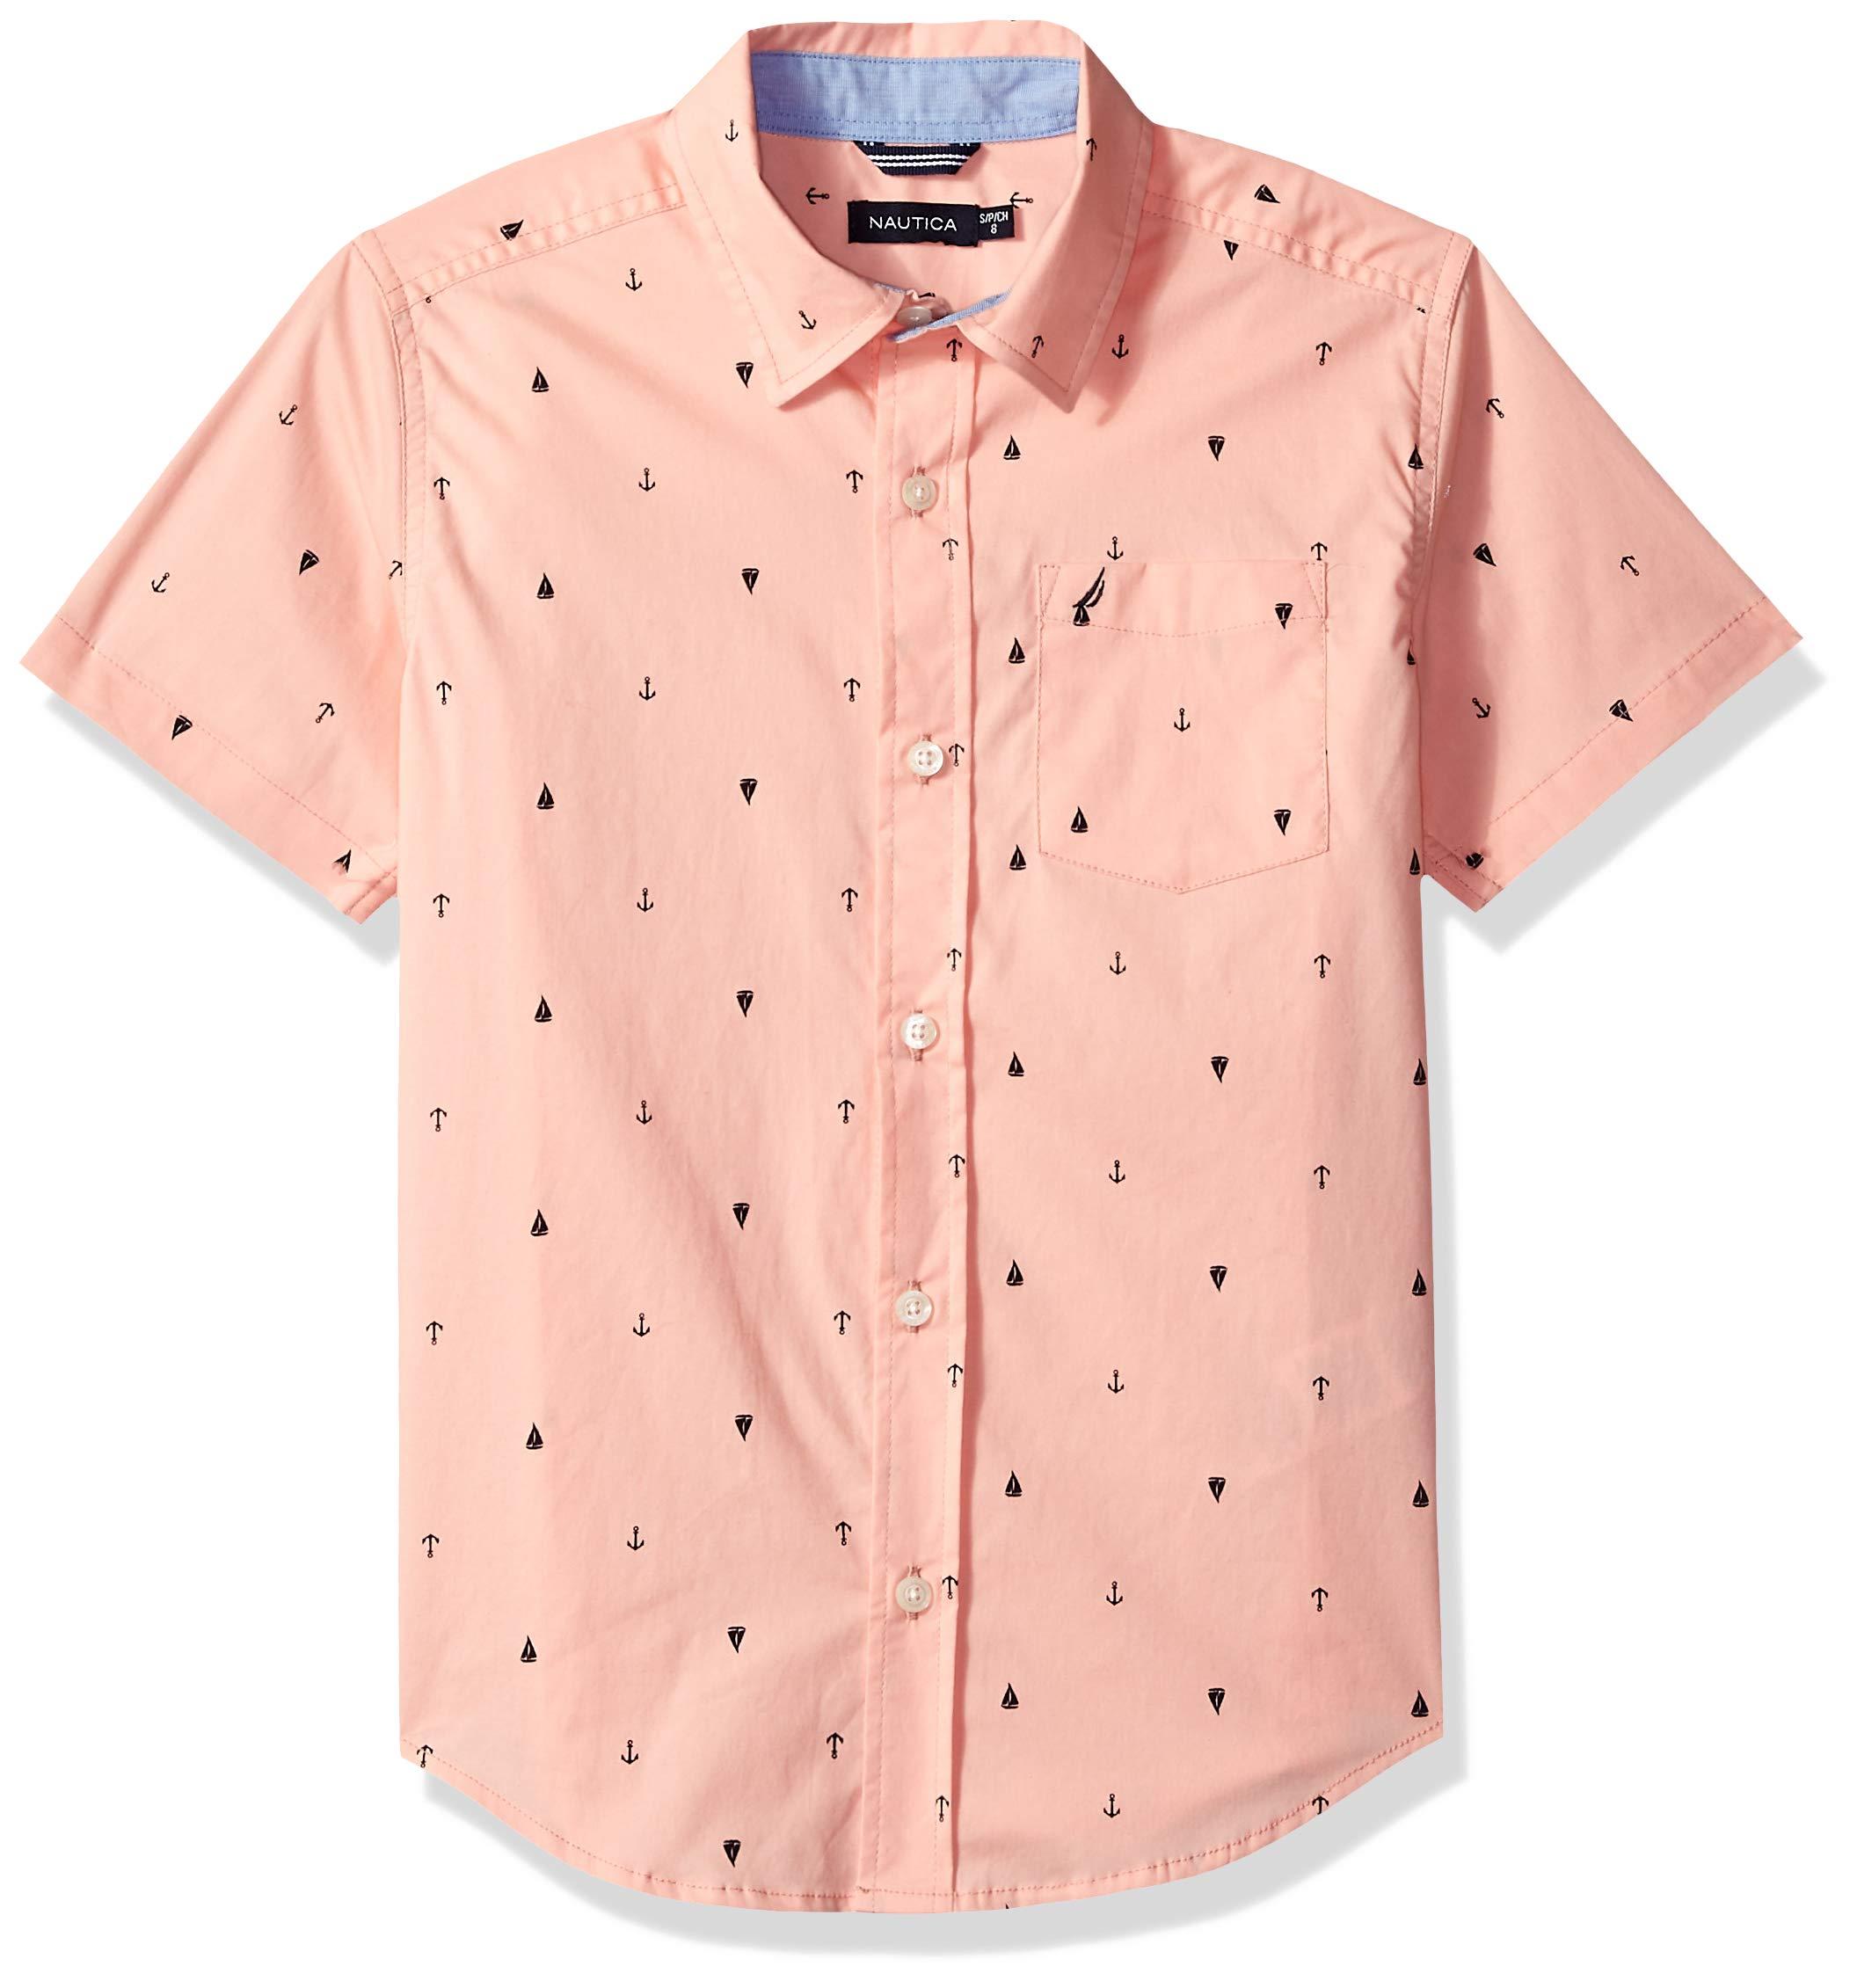 Nautica Little Boys' Short Sleeve Printed Woven Shirt, Felix Light Pink Medium (5)